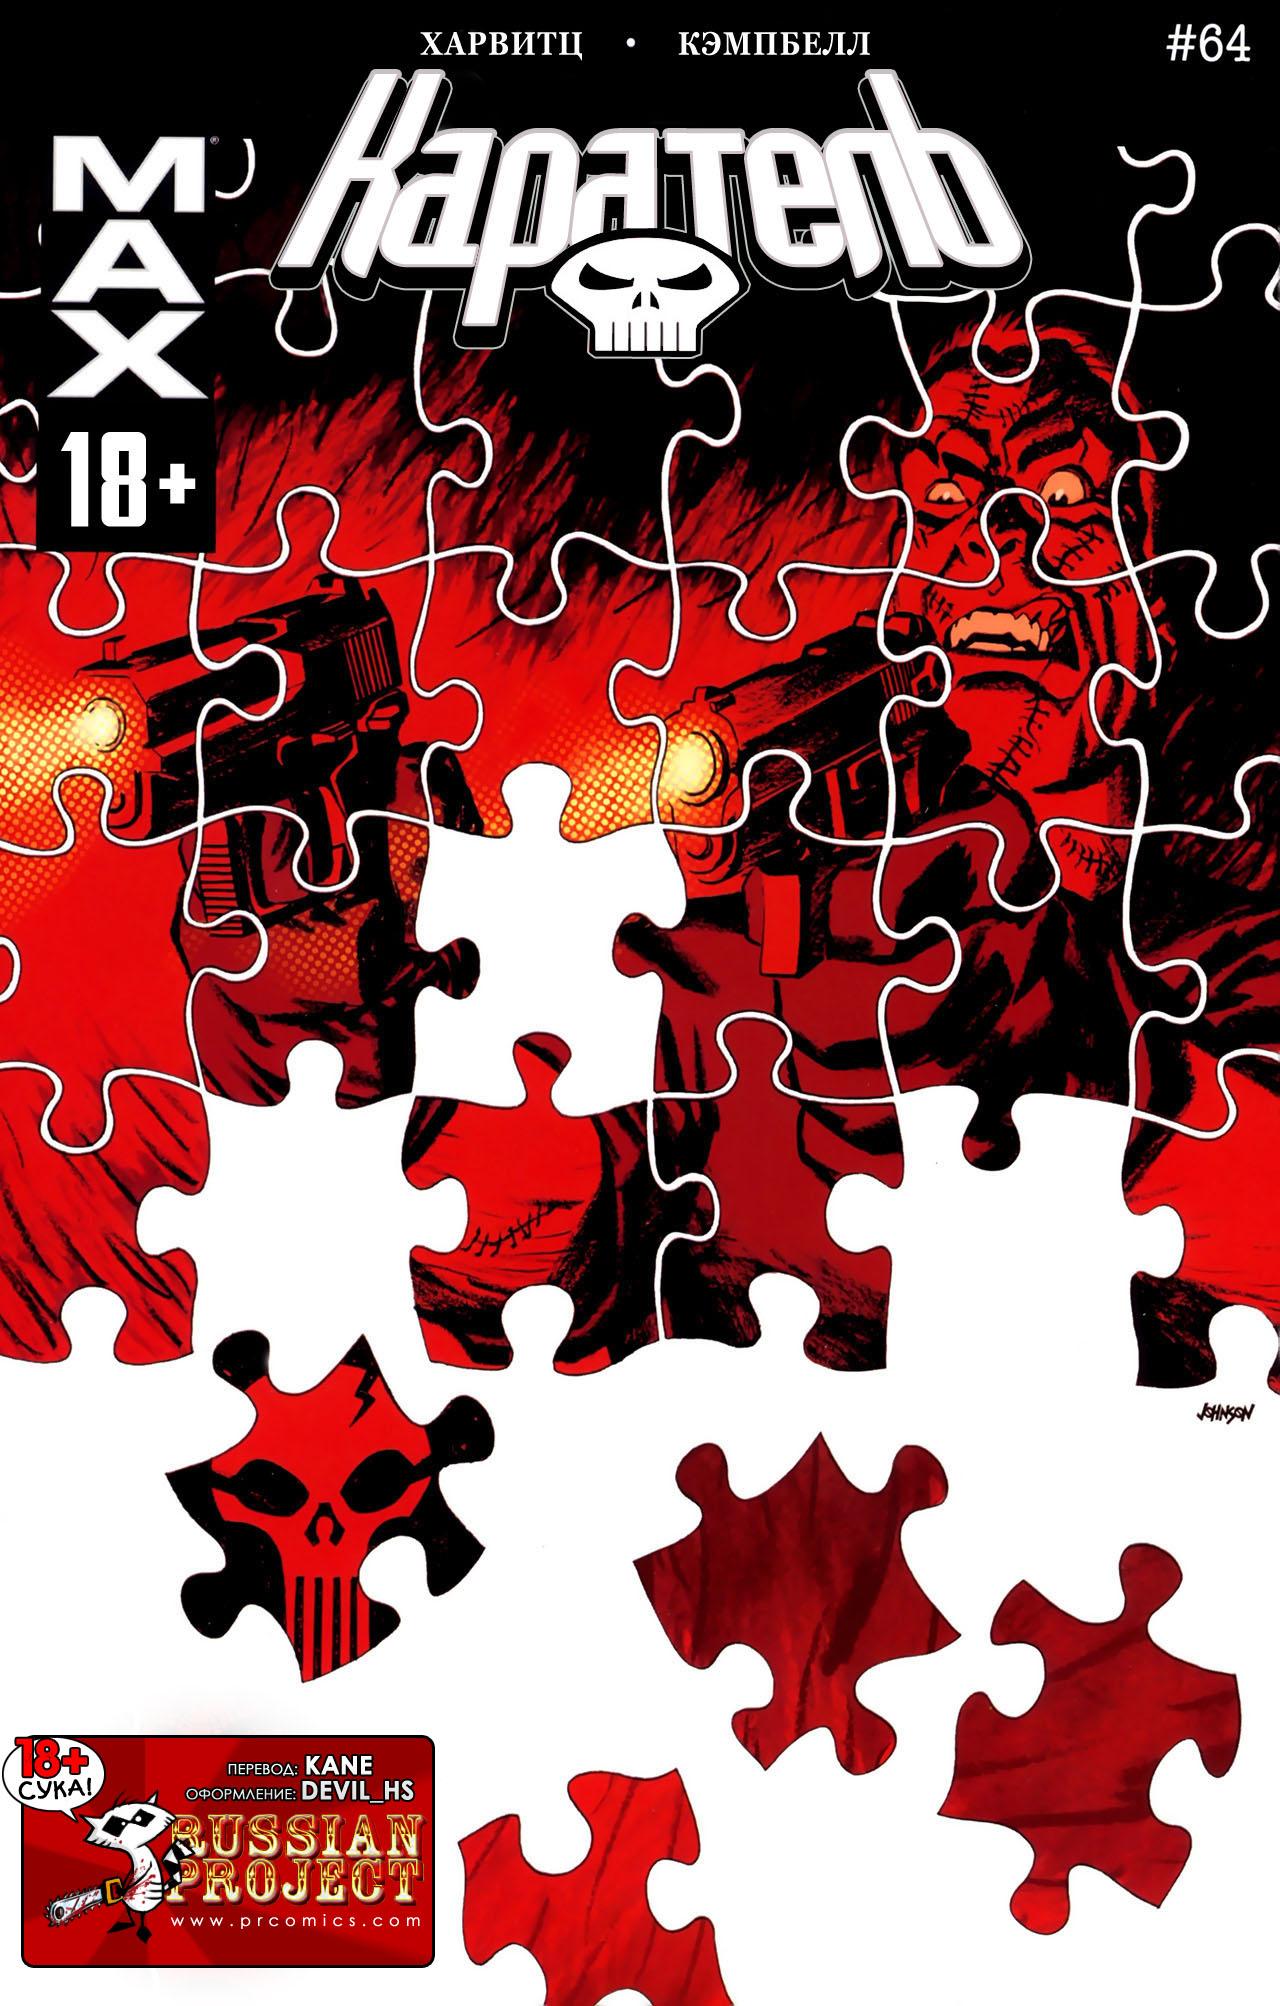 Комиксы Онлайн - Каратель том 6 - # 64 Девушки в белых платьях - часть четвертая - Страница №1 - Punisher vol 6 - Punisher v 6 # 64